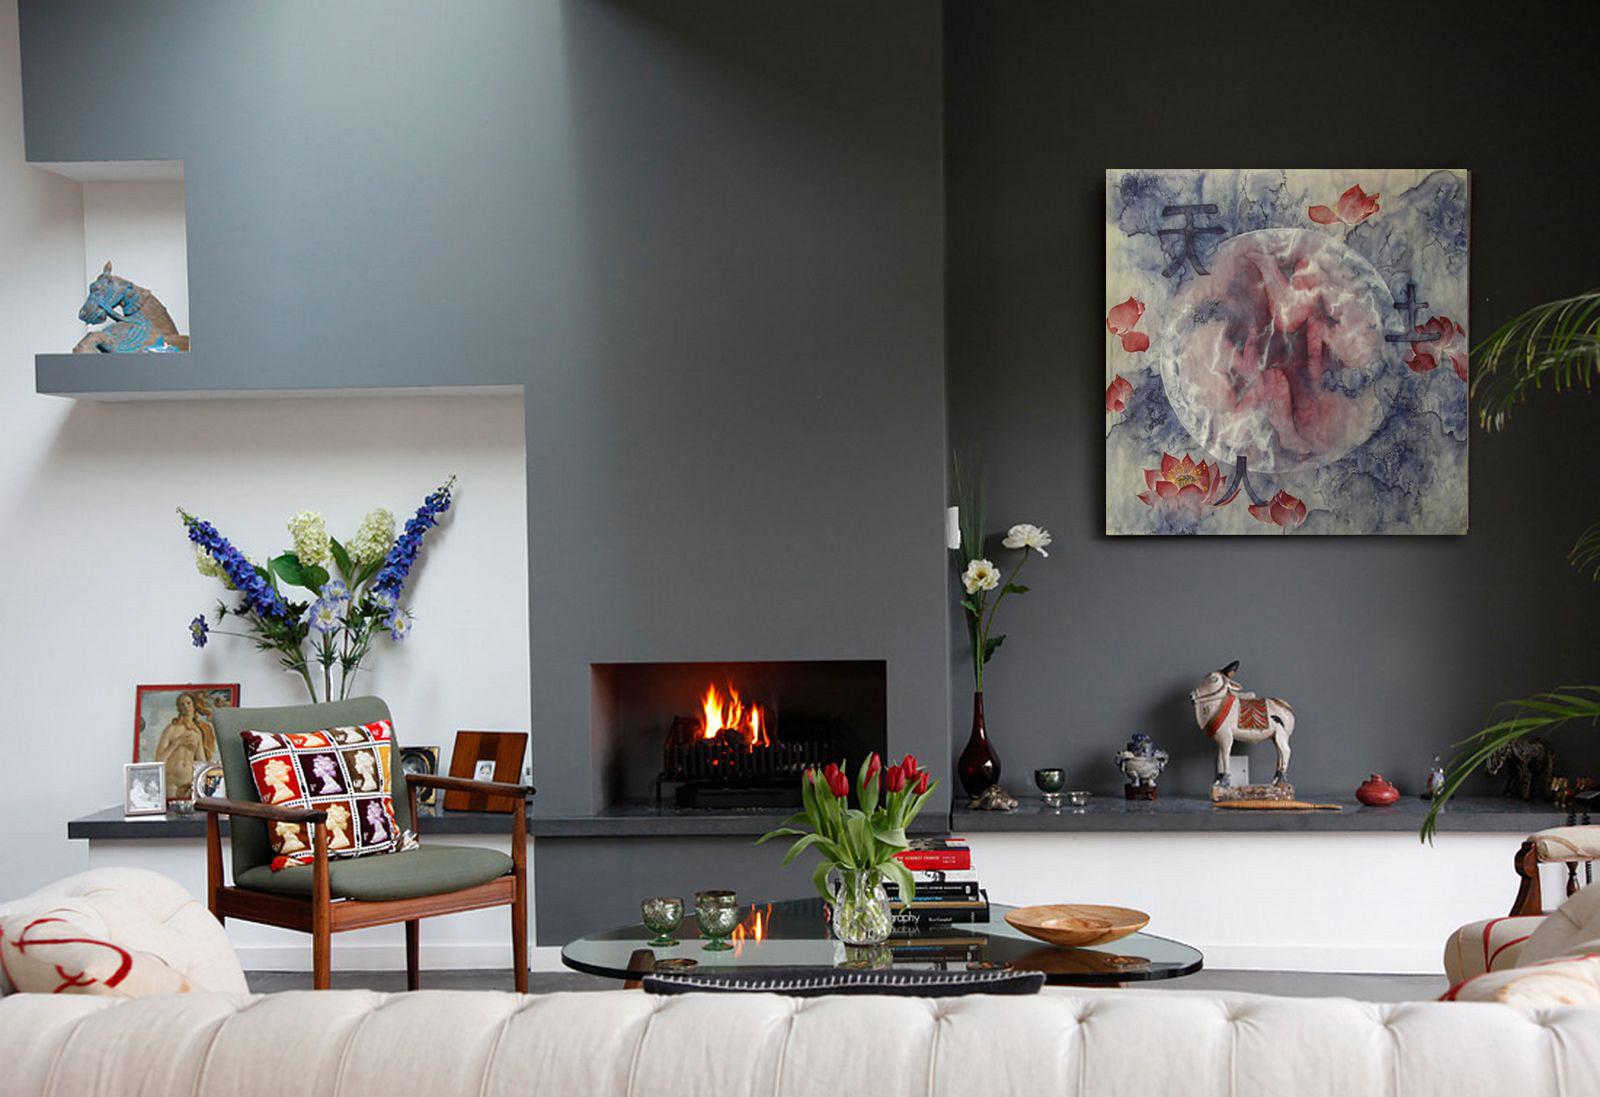 Anita Ammerlaan - Schilderijen van diversen exposanten van Atelier ...